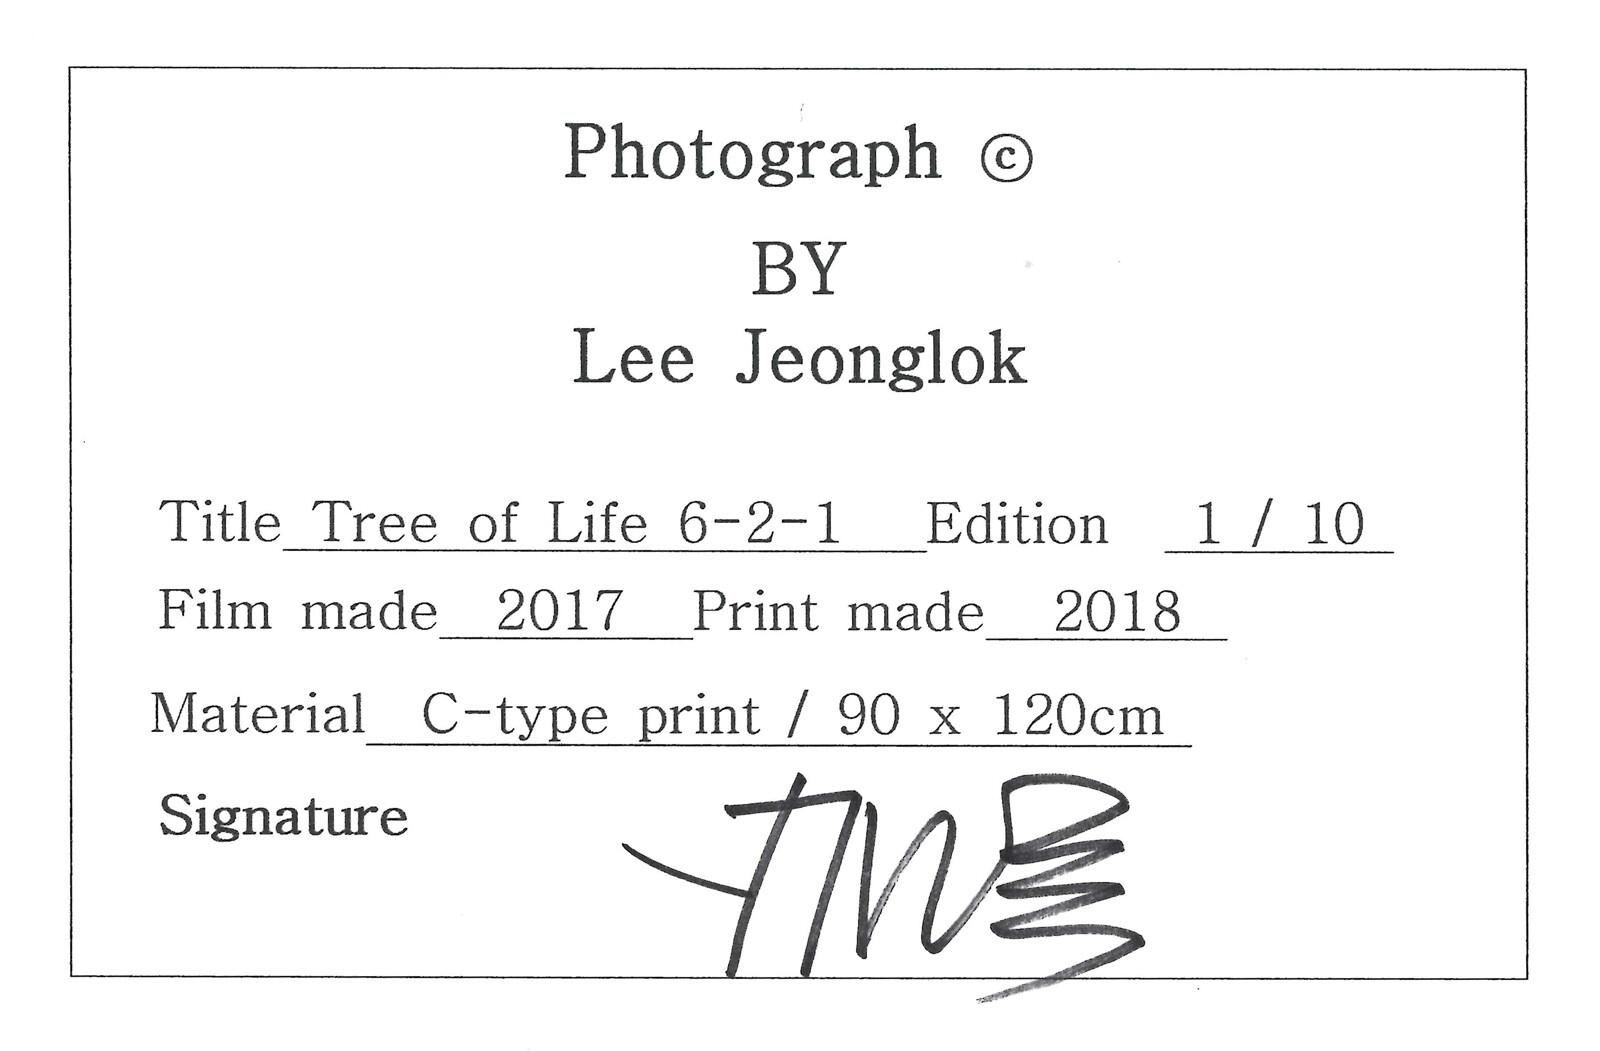 Tree of Life 6-2-1 - Lee Jeonglok